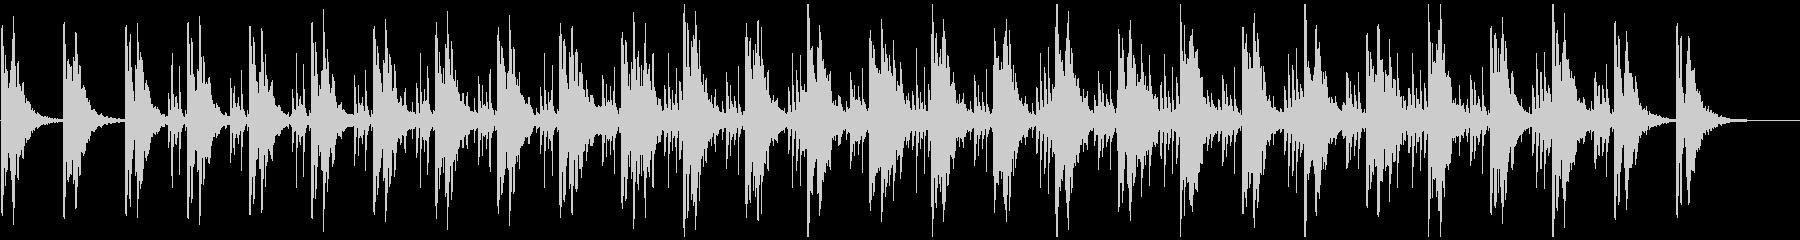 ミニマル系BGM(WAVバージョン)の未再生の波形